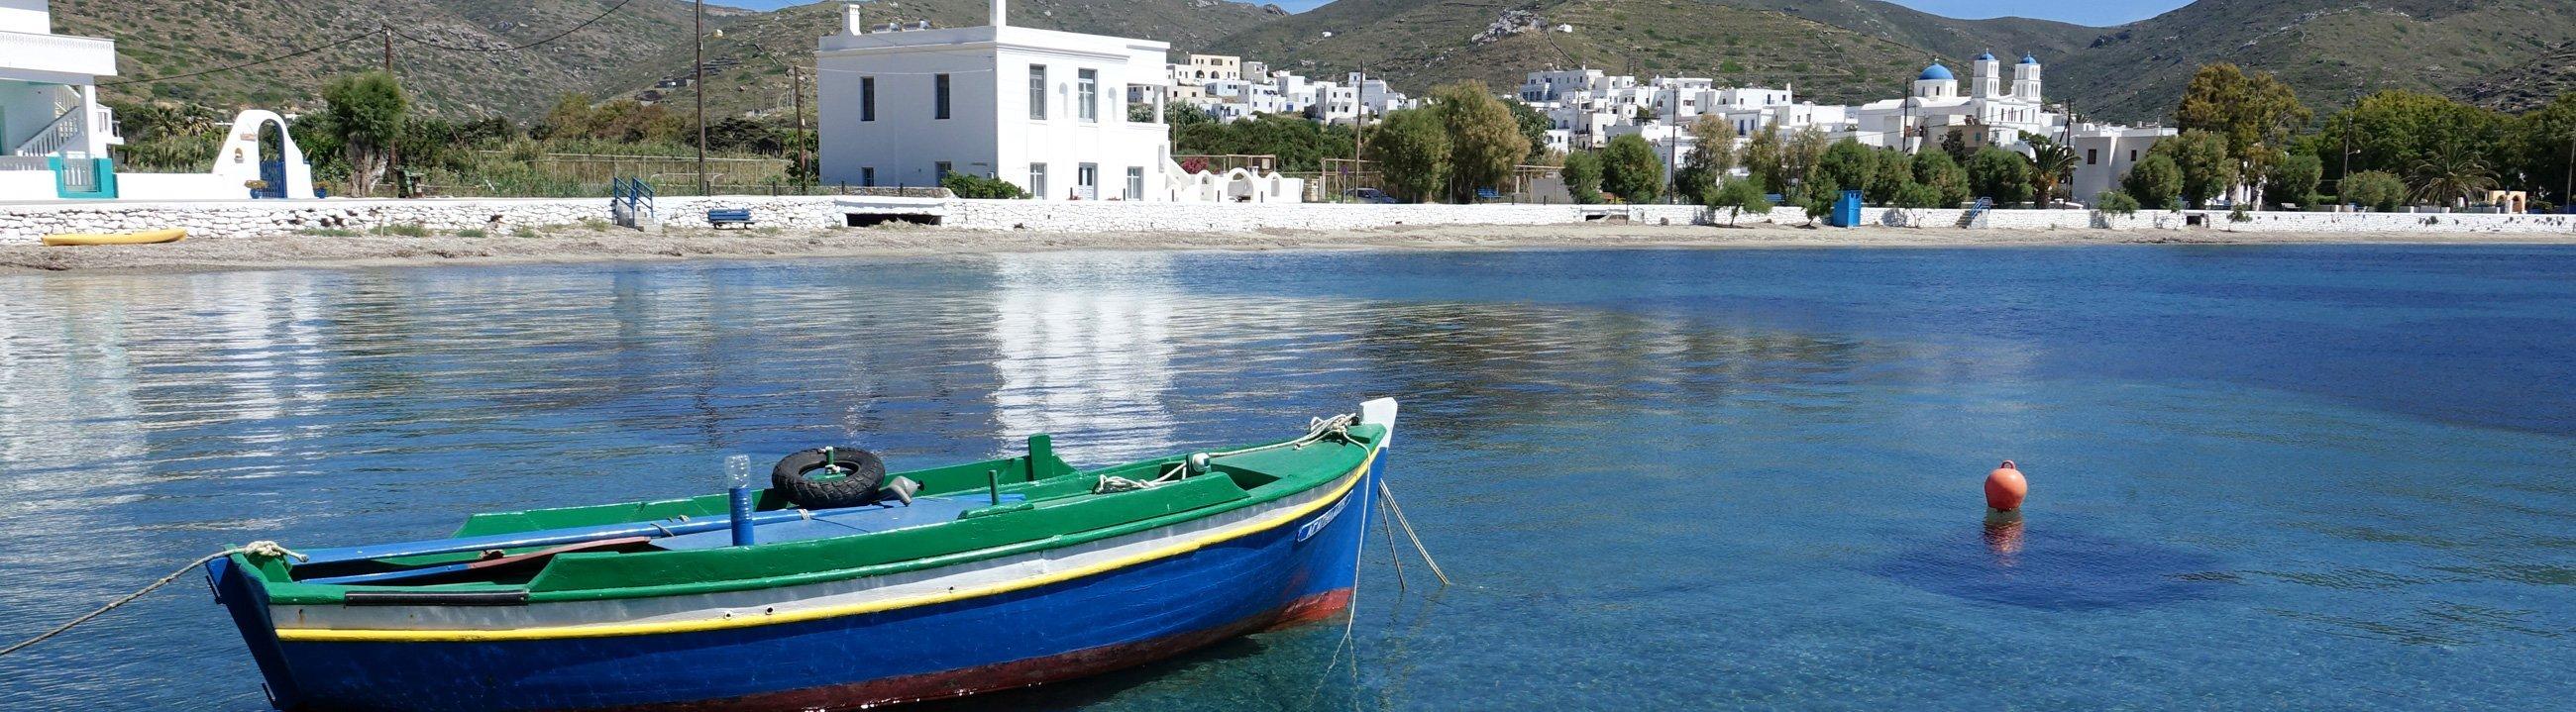 Ösliches Mittelmeer Amorgos